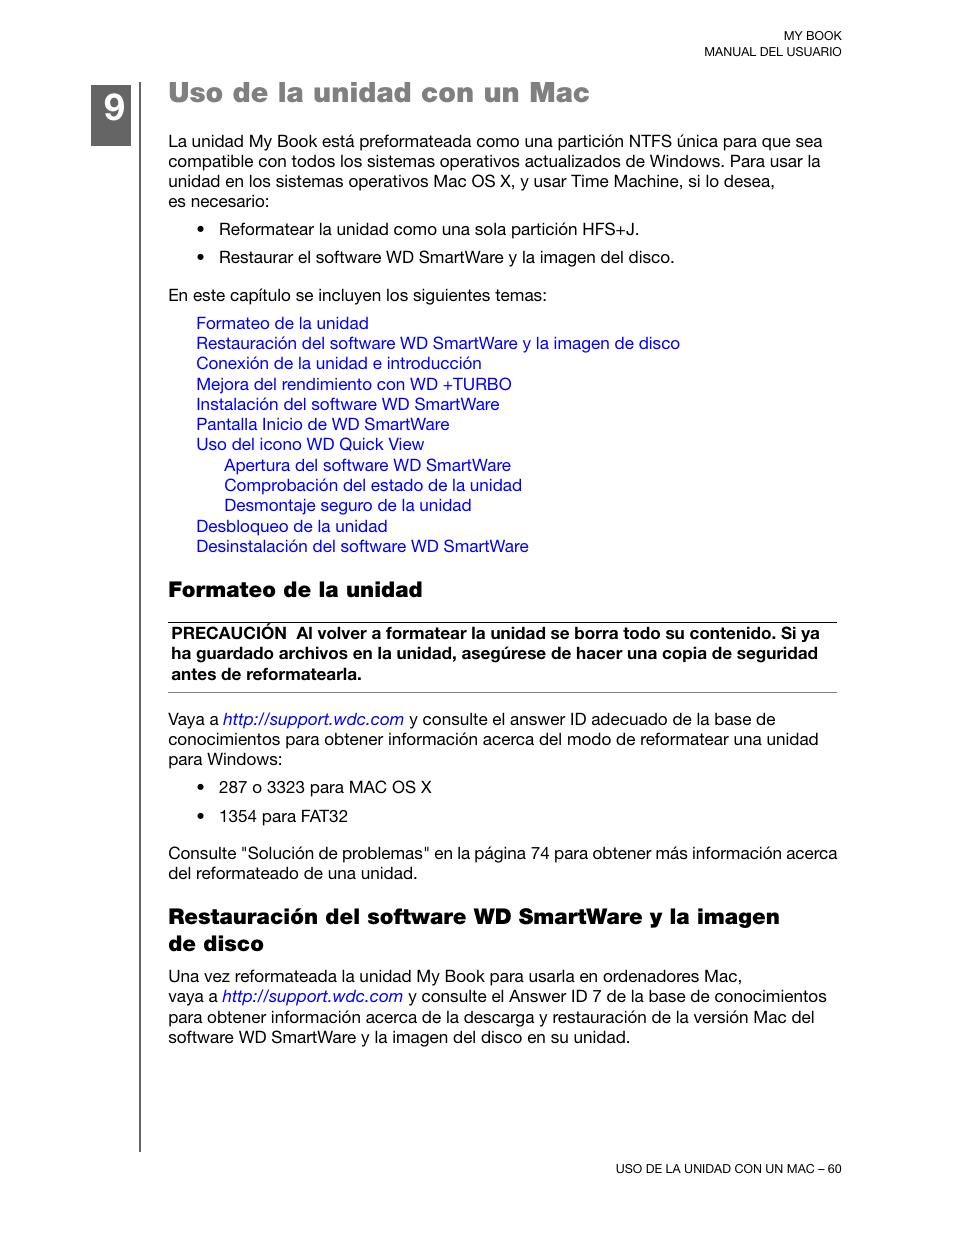 Uso de la unidad con un mac, Formateo de la unidad | Western Digital